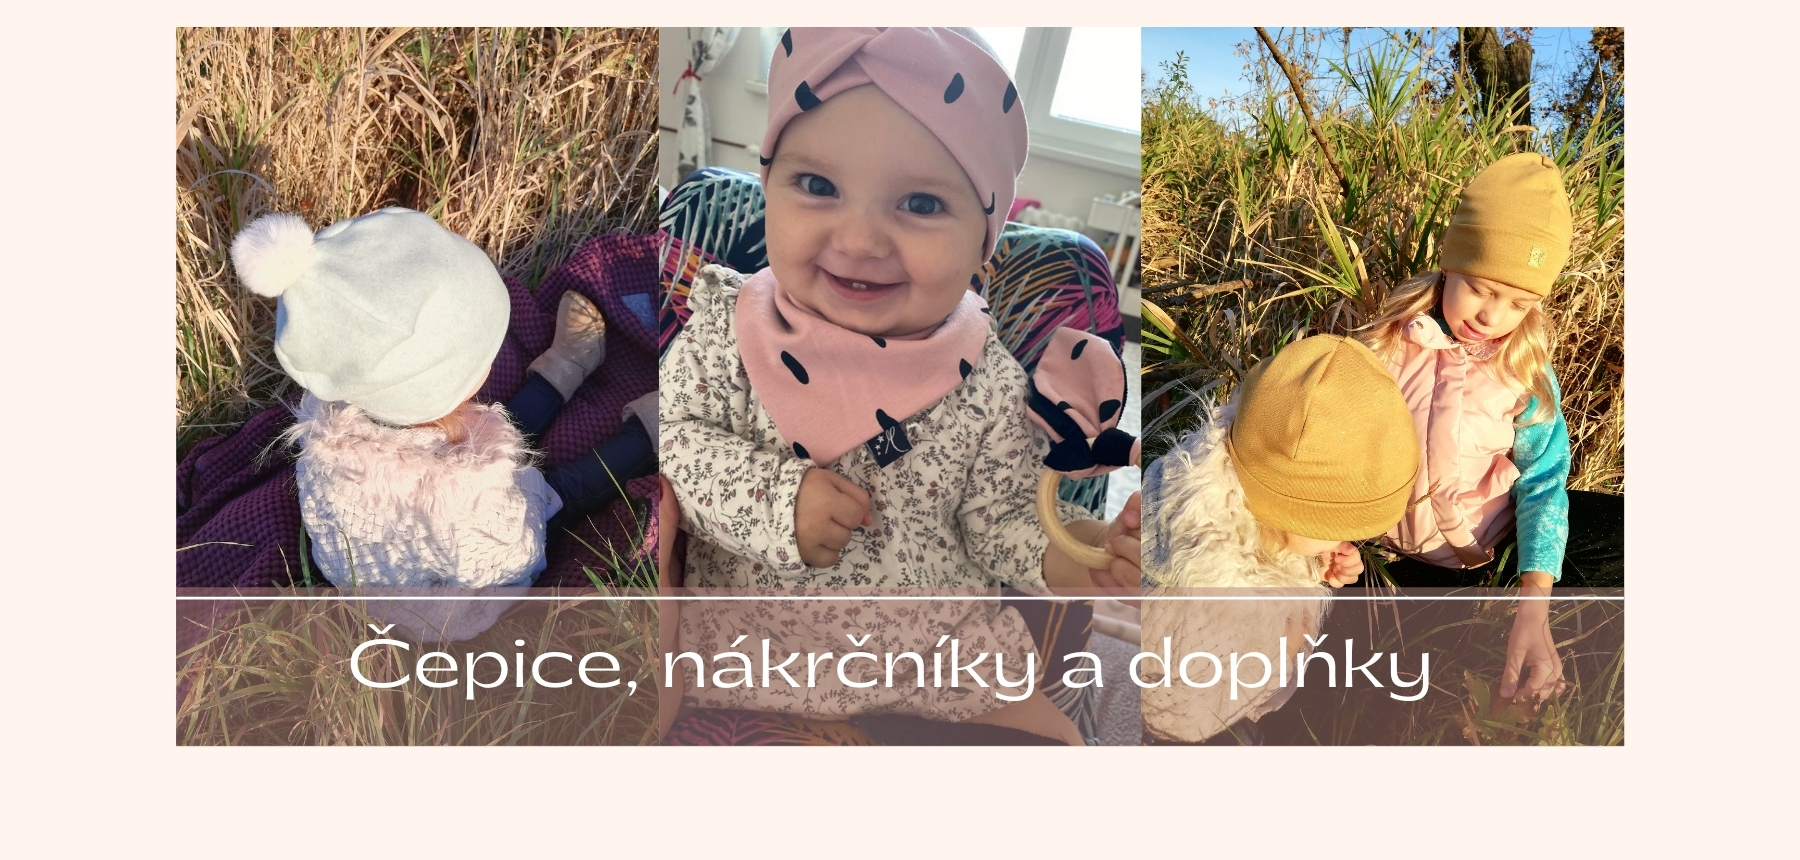 Čepice, nakrčníky a další doplňky pro děti i maminky, které najdete v naší nabídce.